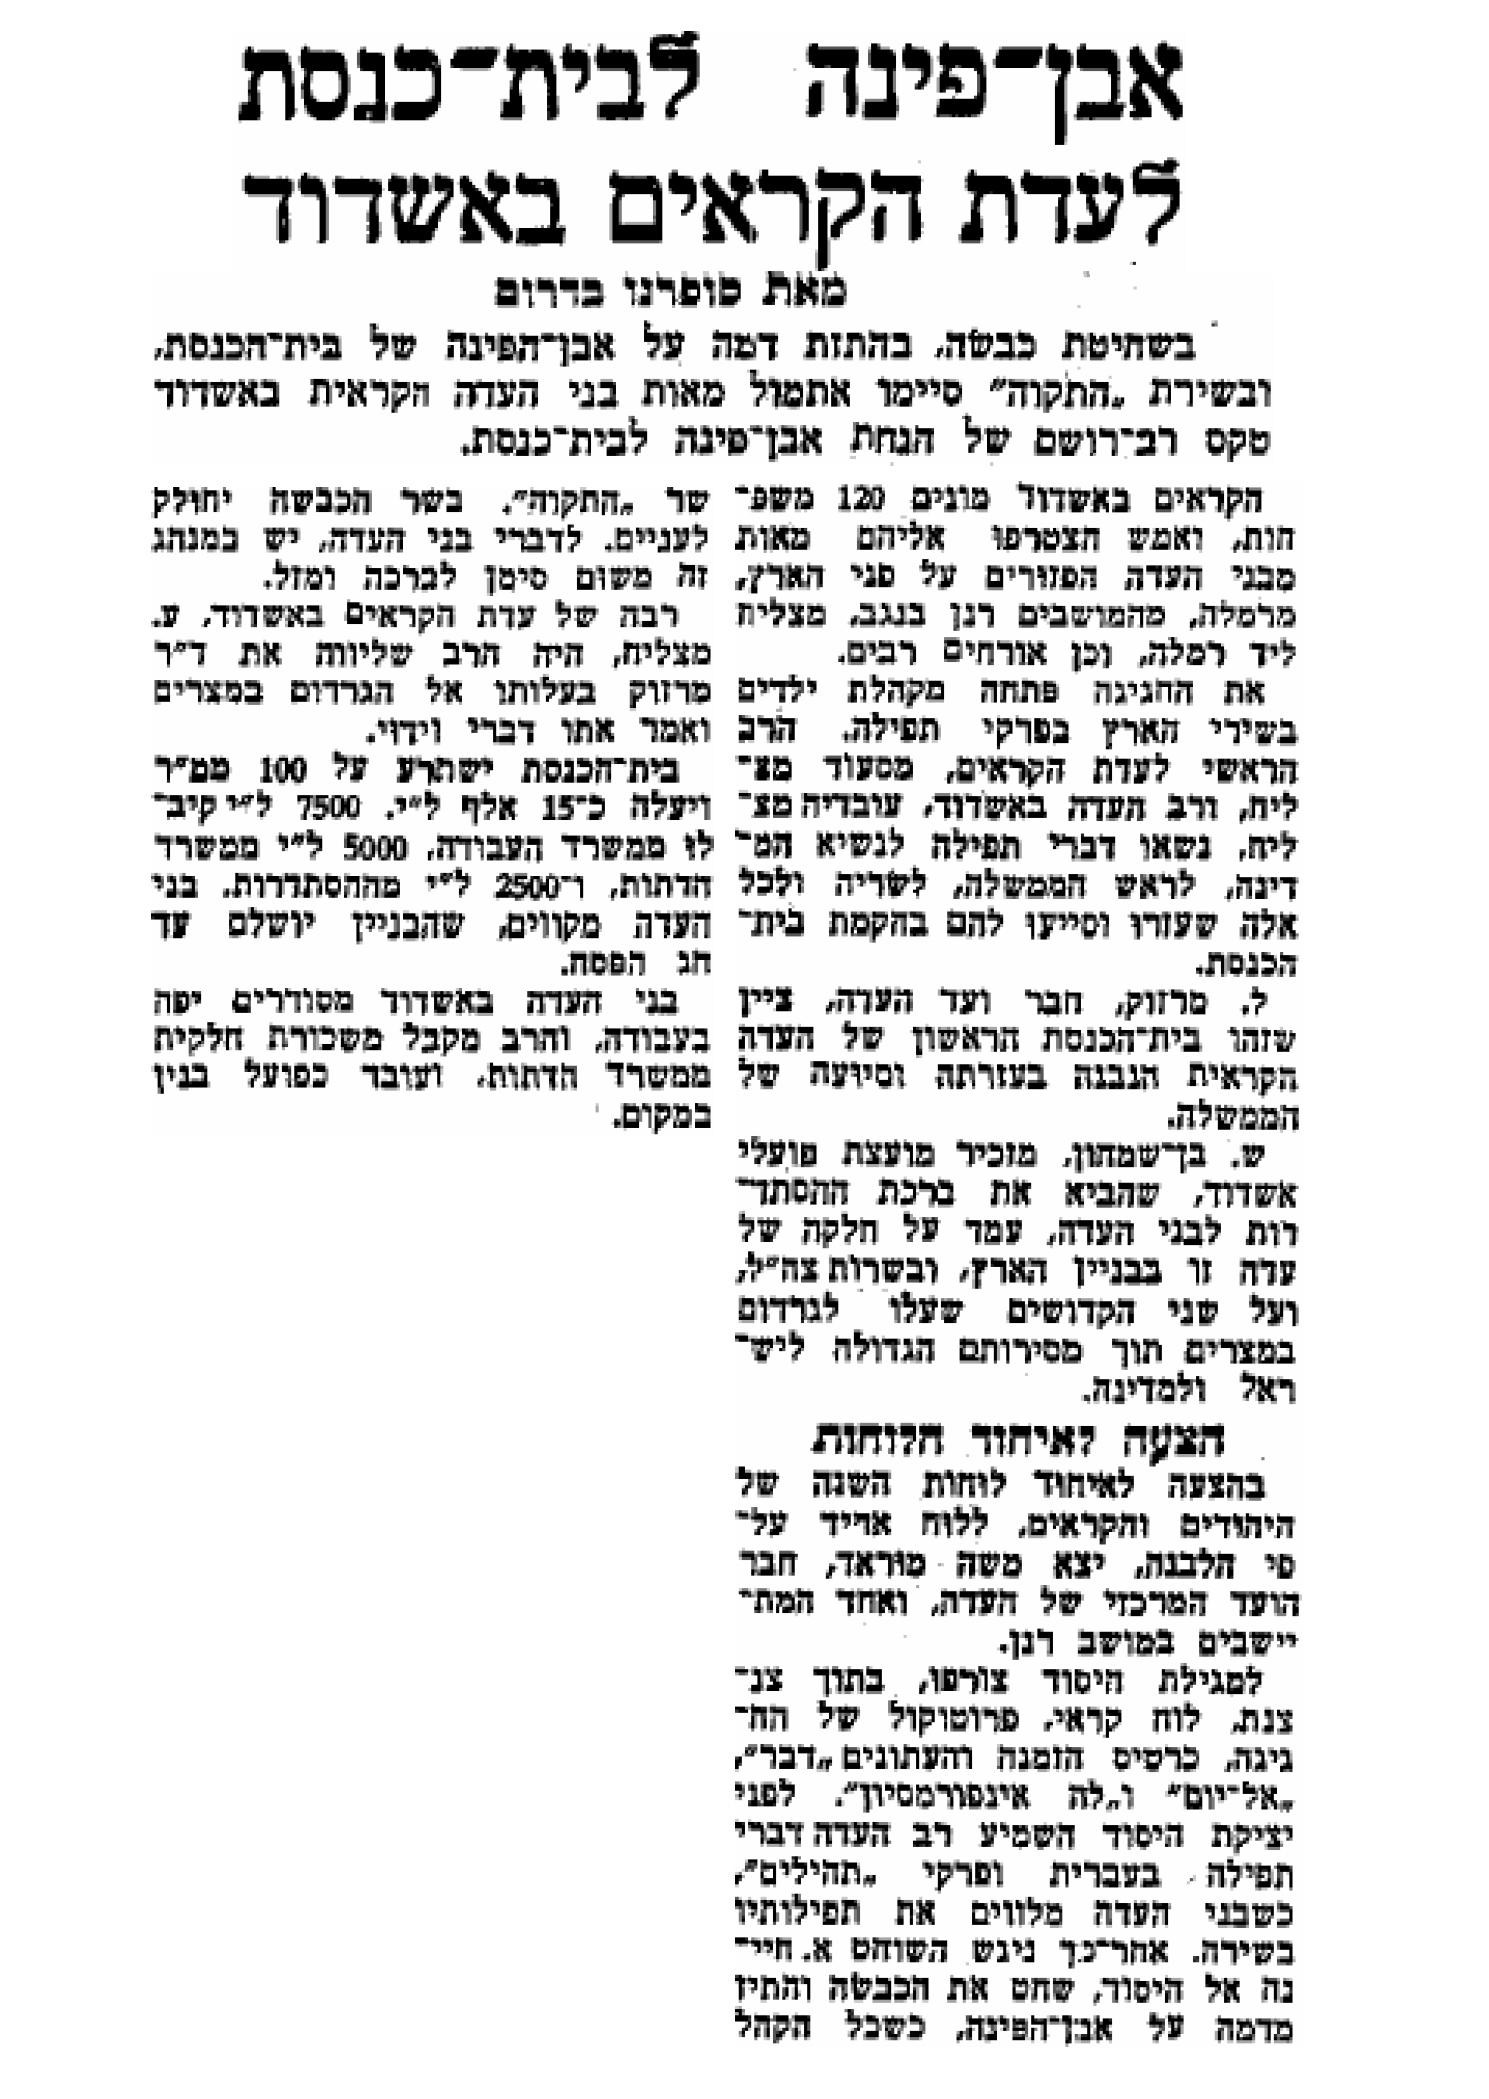 כתבה בעיתון דבר על הנחת אבן הפינה לבית הכנסת